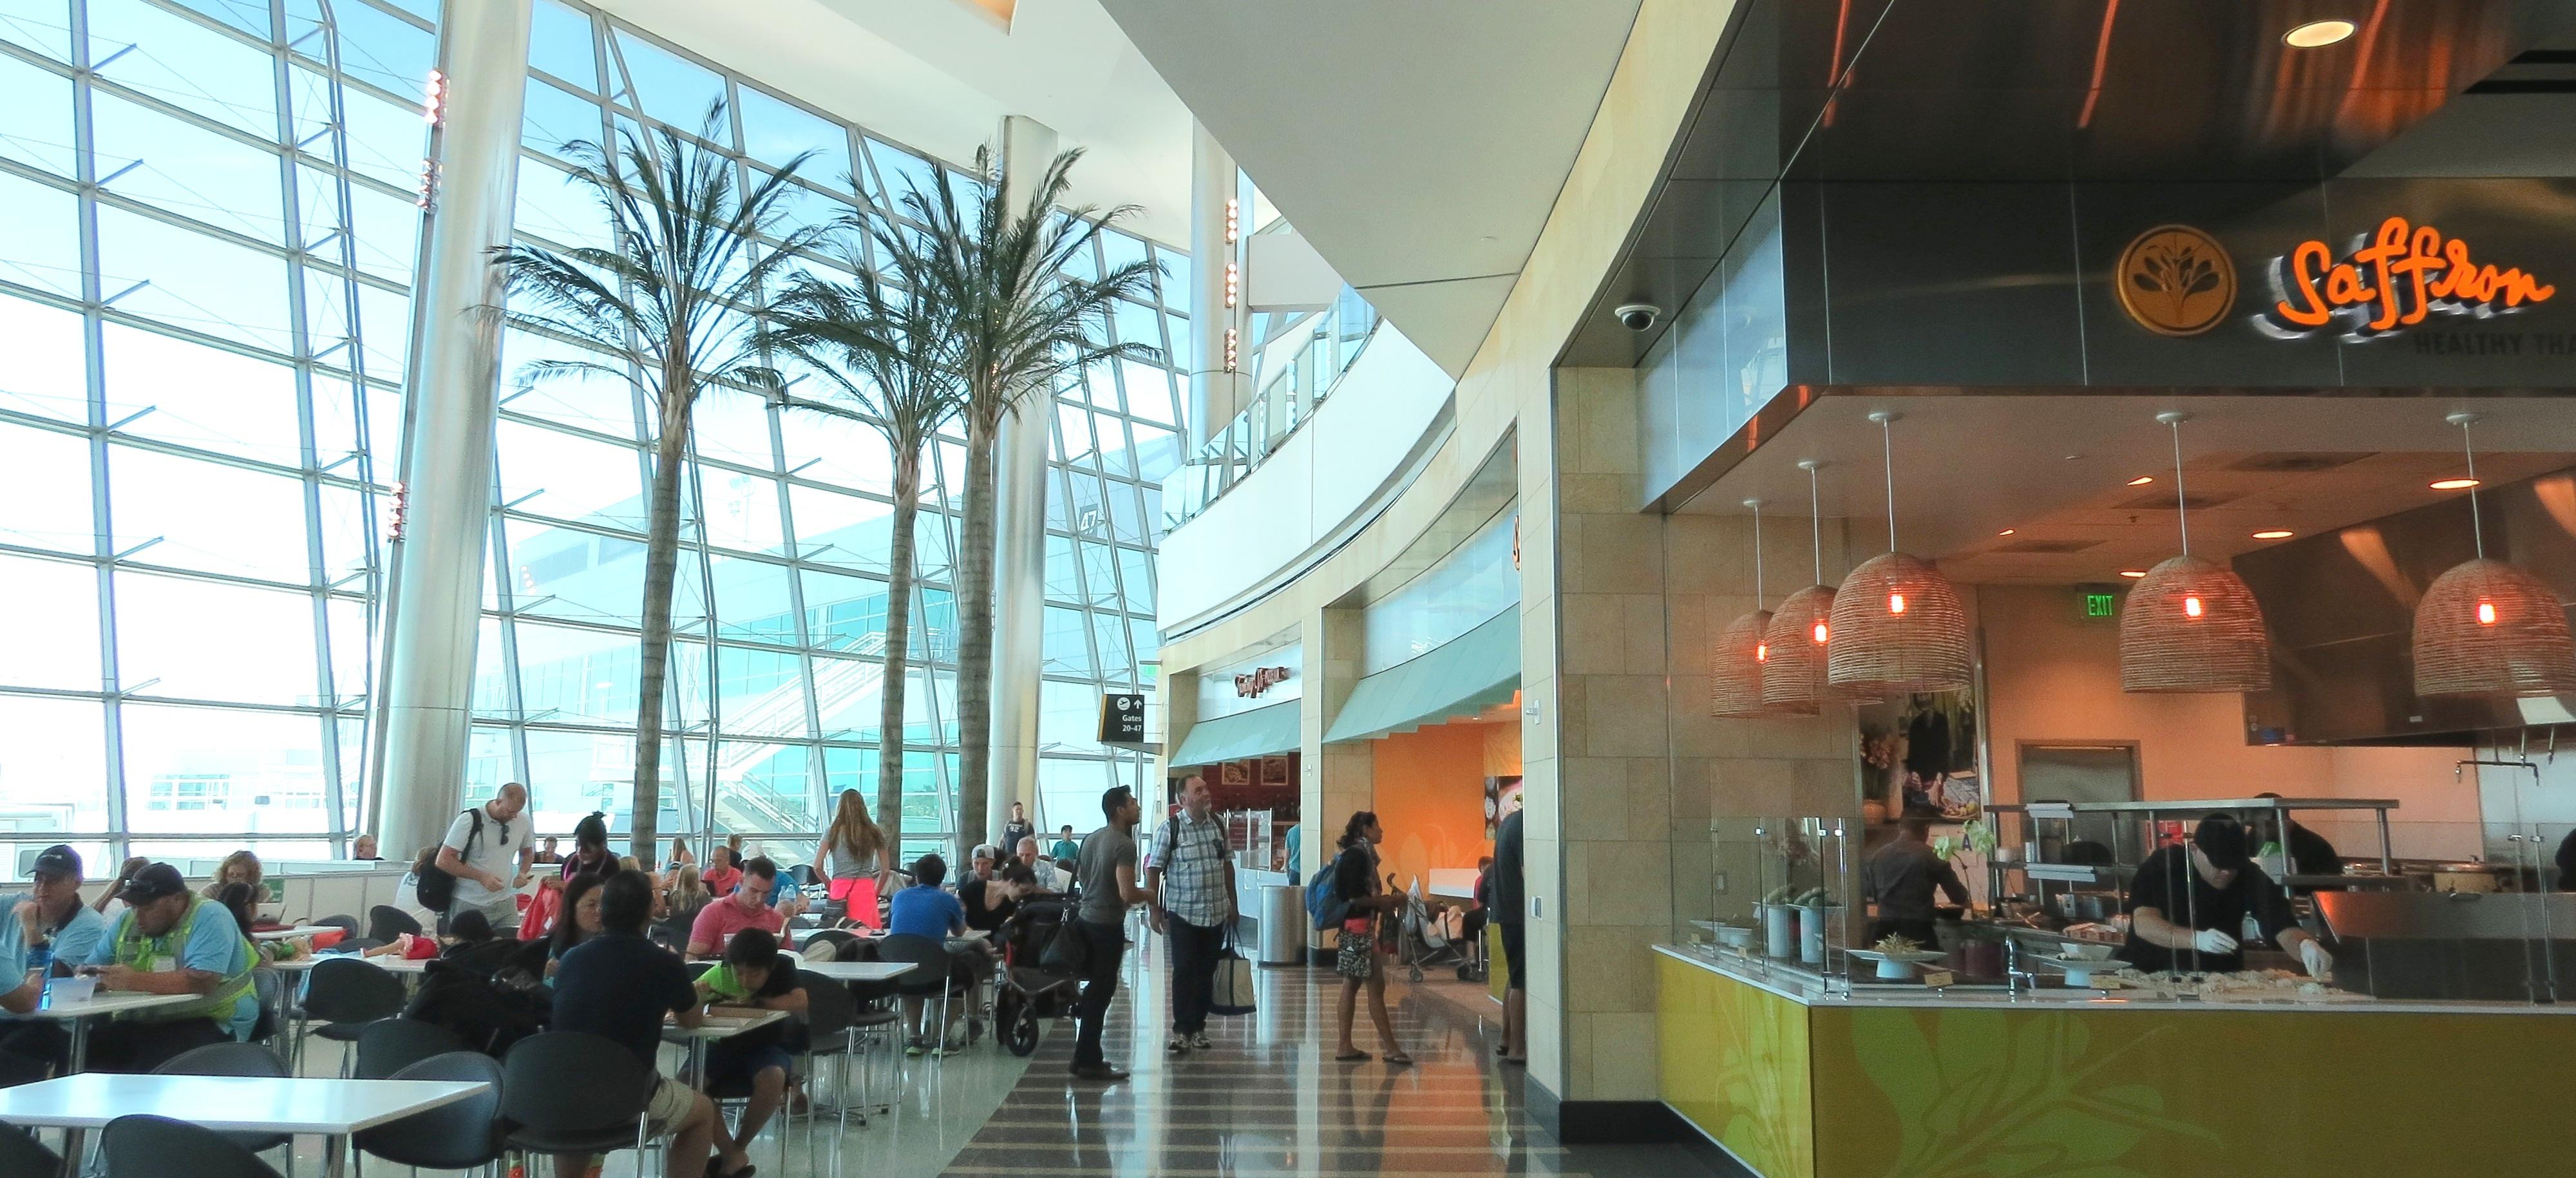 サンディエゴ空港でビールを